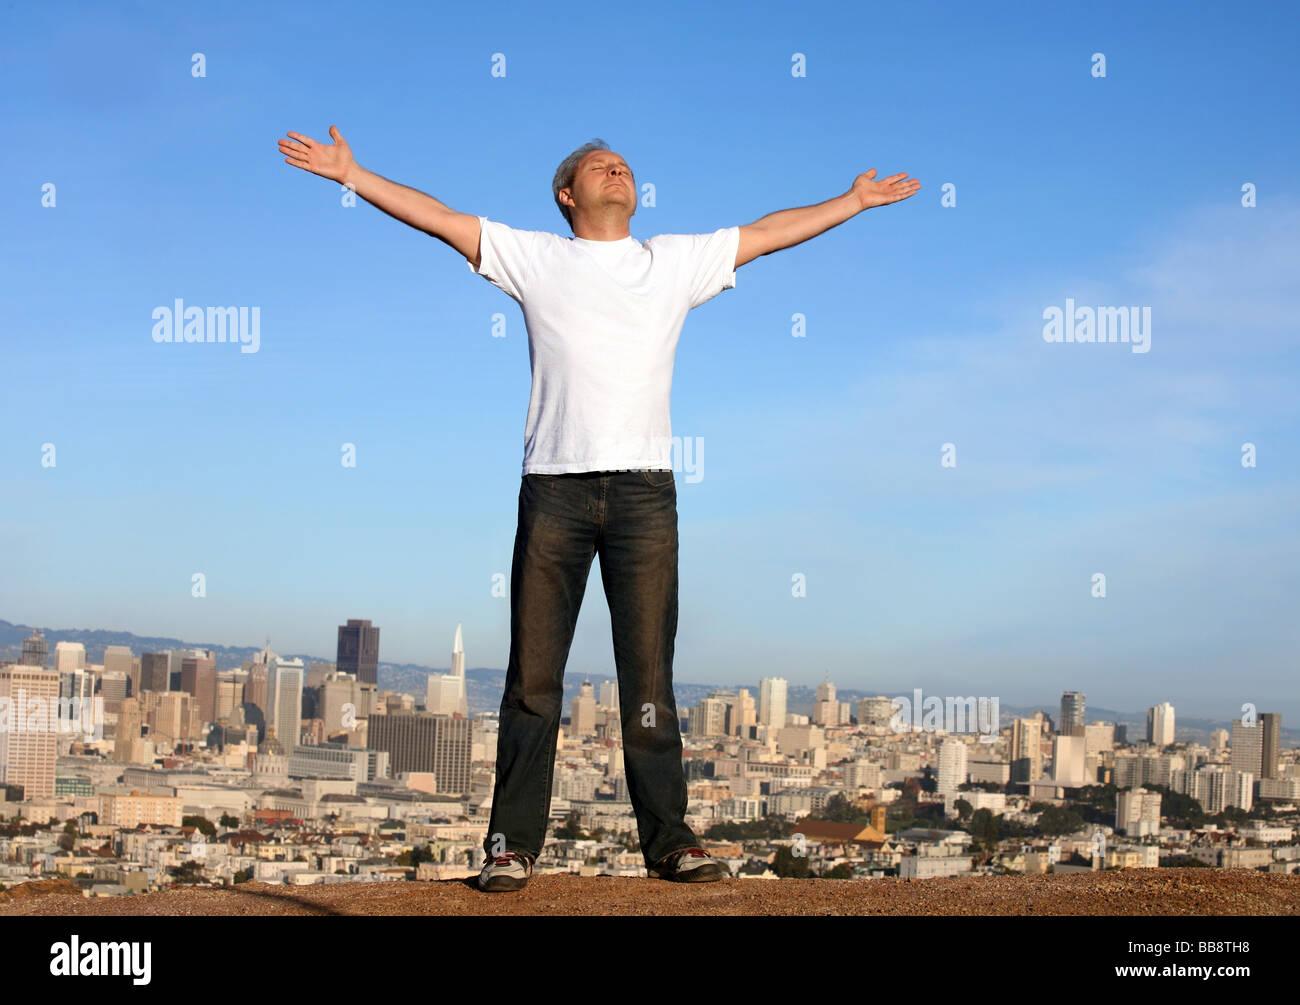 Un homme debout sur une colline avec une vue sur San Francisco son bras levés Photo Stock